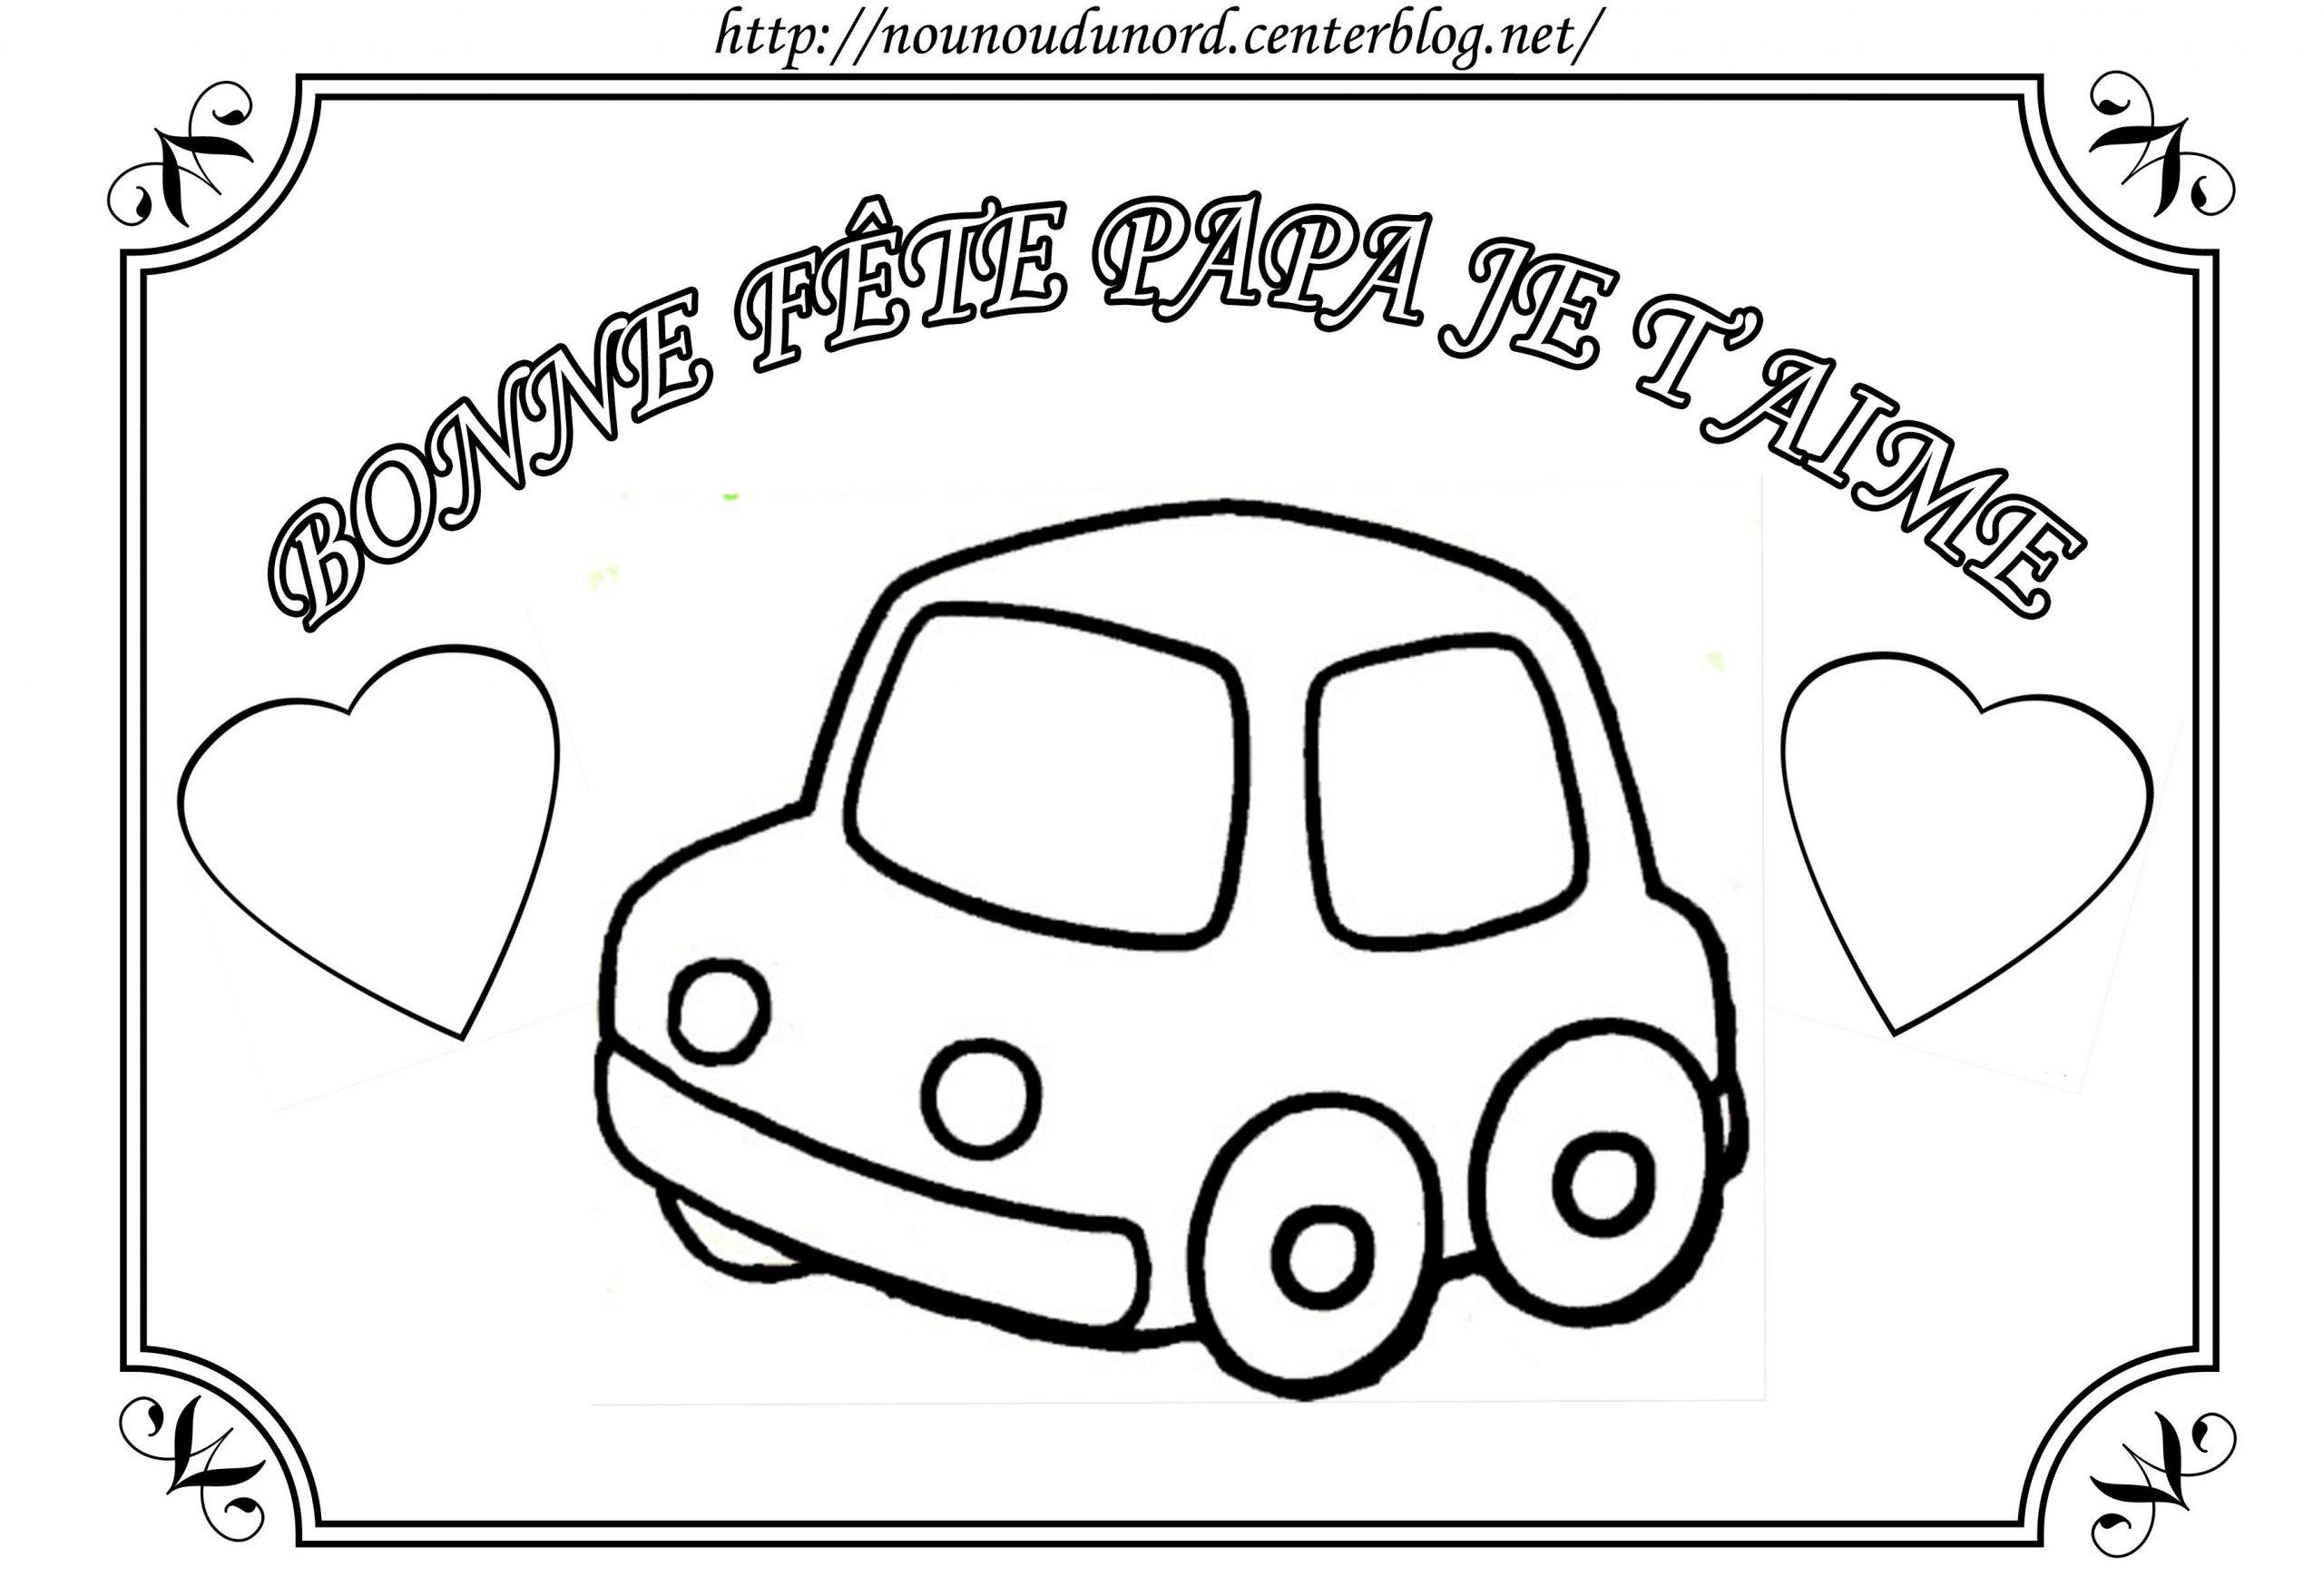 Dessin à Colorier Fete Des Peres Maternelle | Coloriage Fete à Coloriage Fete Des Peres A Imprimer Gratuit